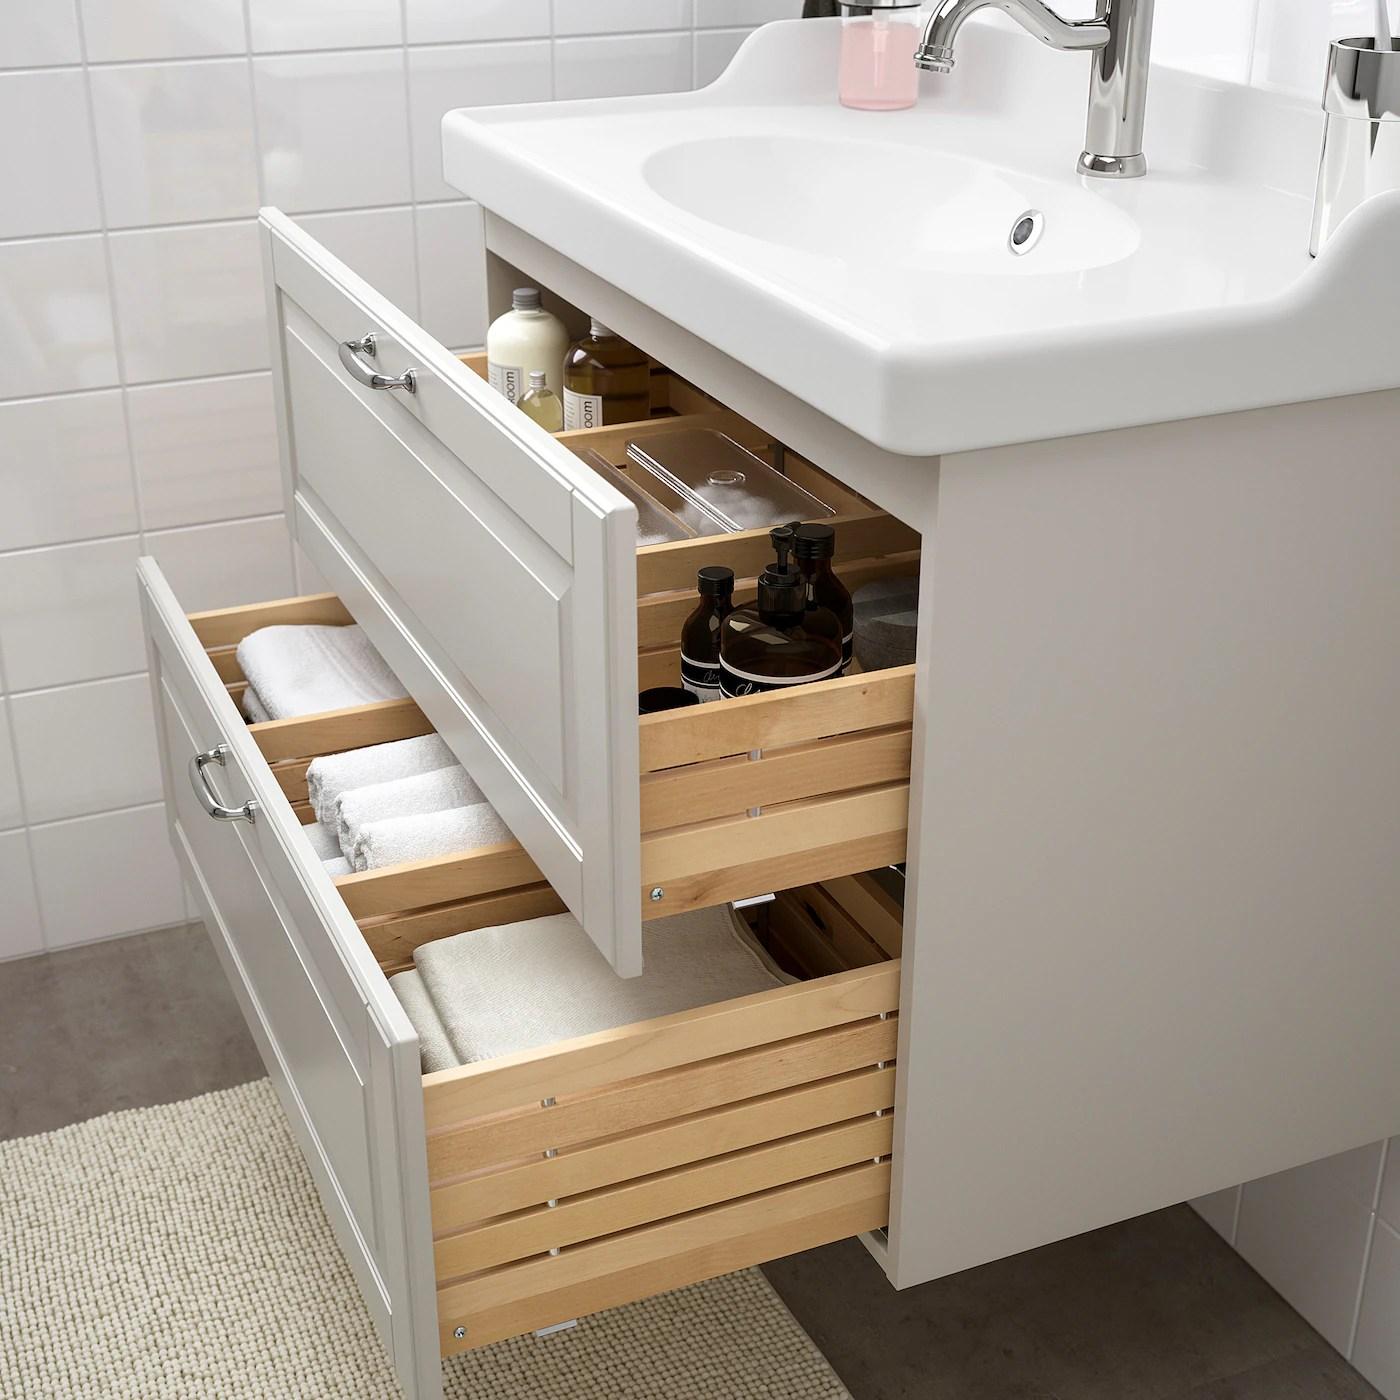 Prendi le misure e crea un ambiente funzionale e ben organizzato. النهاية سينما حامل Mobile Bagno Senza Lavabo Ikea Amazon Geishaevents Com